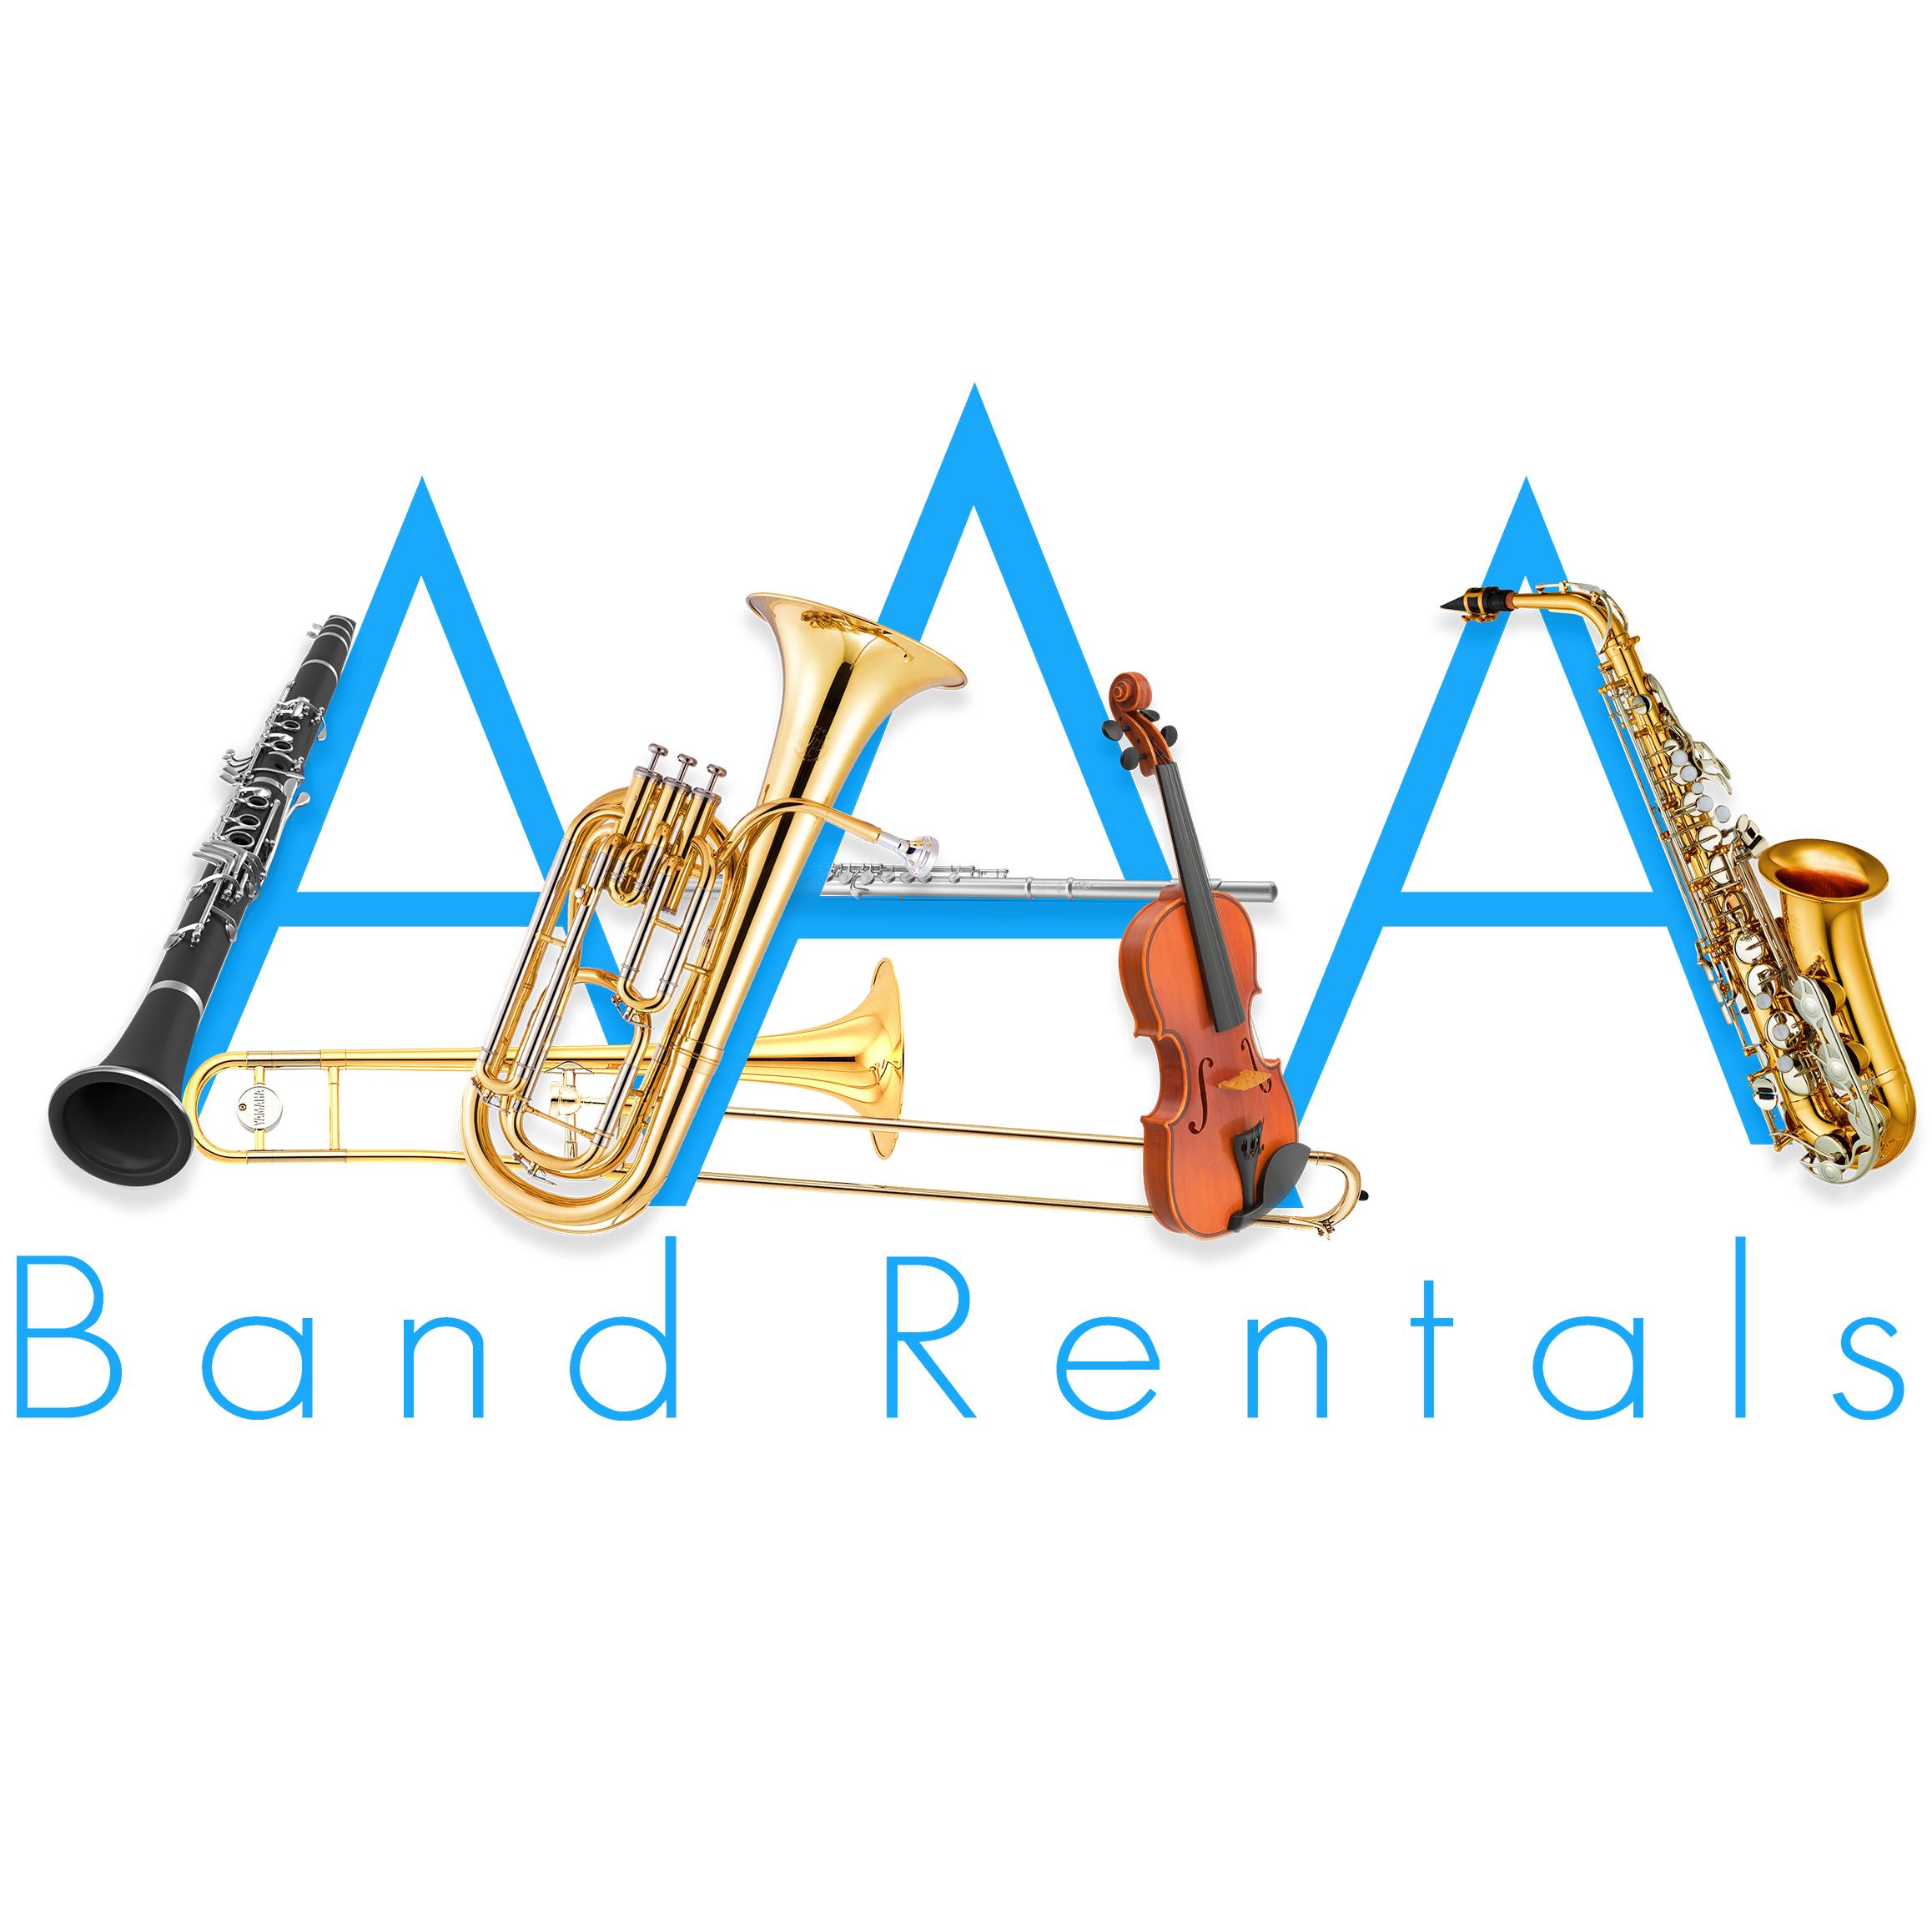 AAA Band Rentals